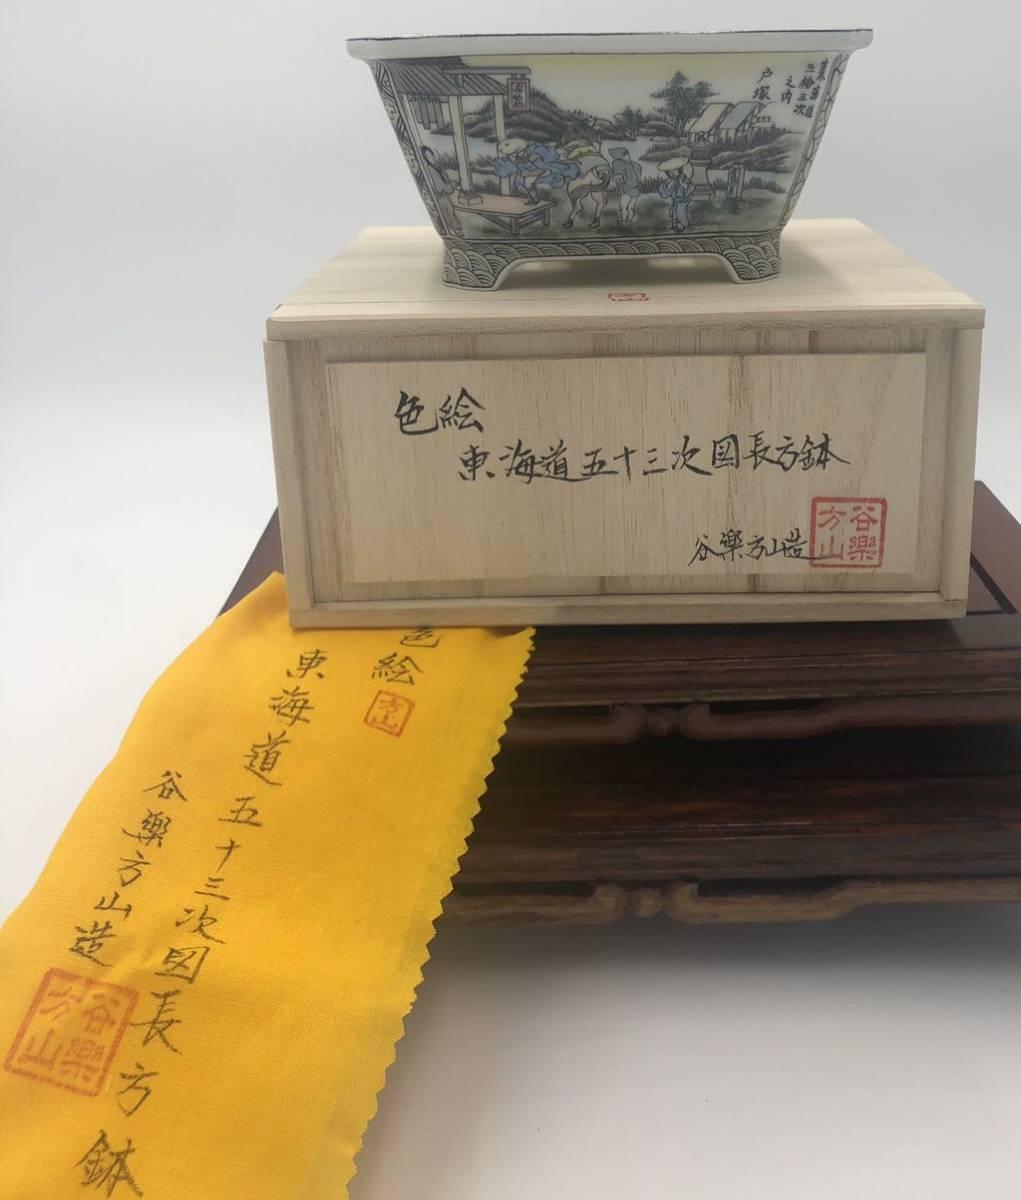 東海道五十三次図長方鉢 鉢/盆栽/谷樂方山/東海道五十三次図長方鉢